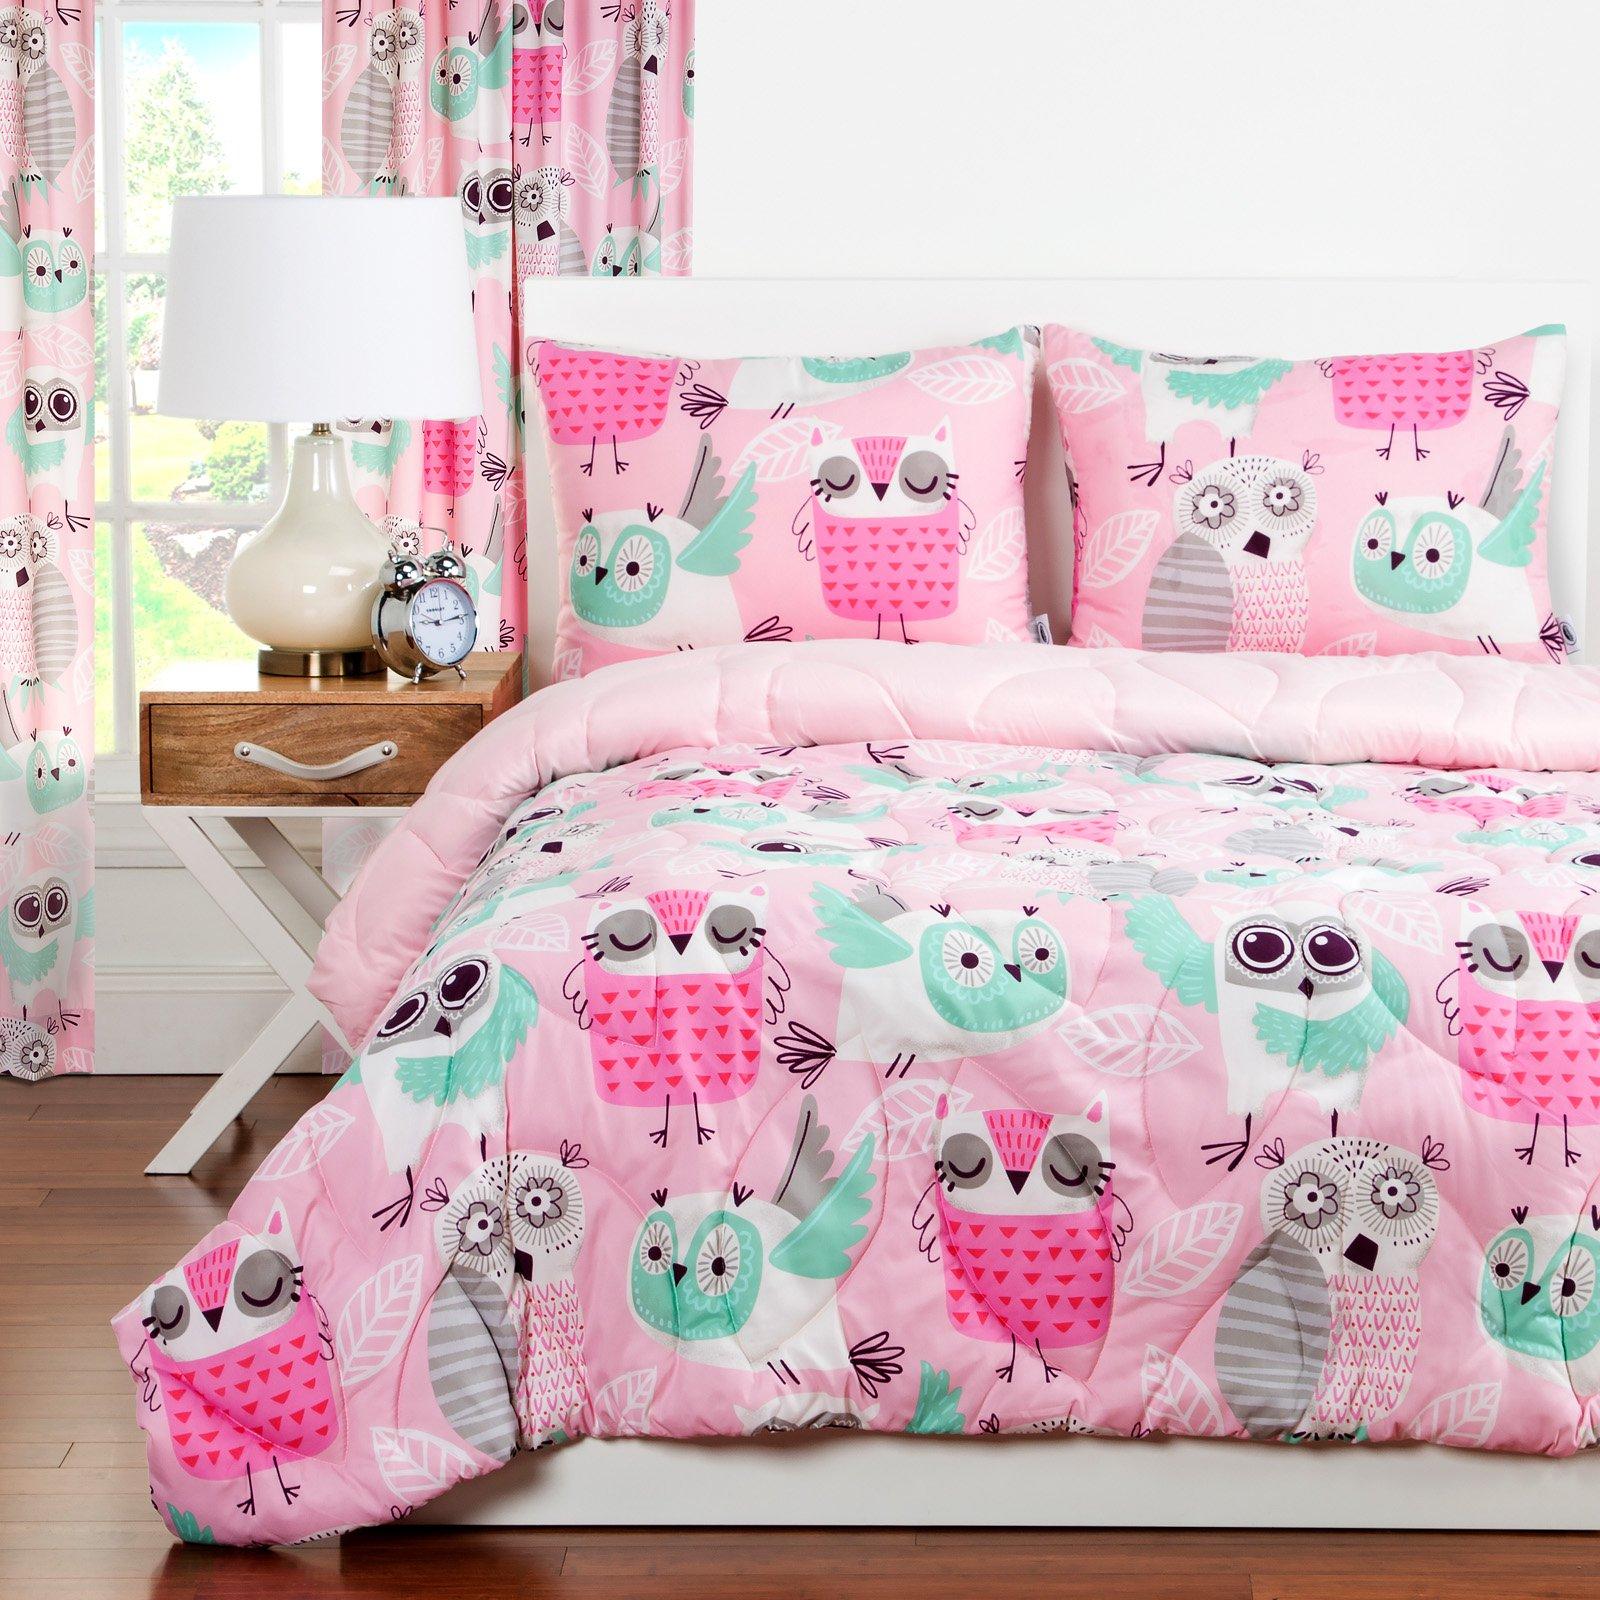 Crayola Night Owl Twin Comforter Set